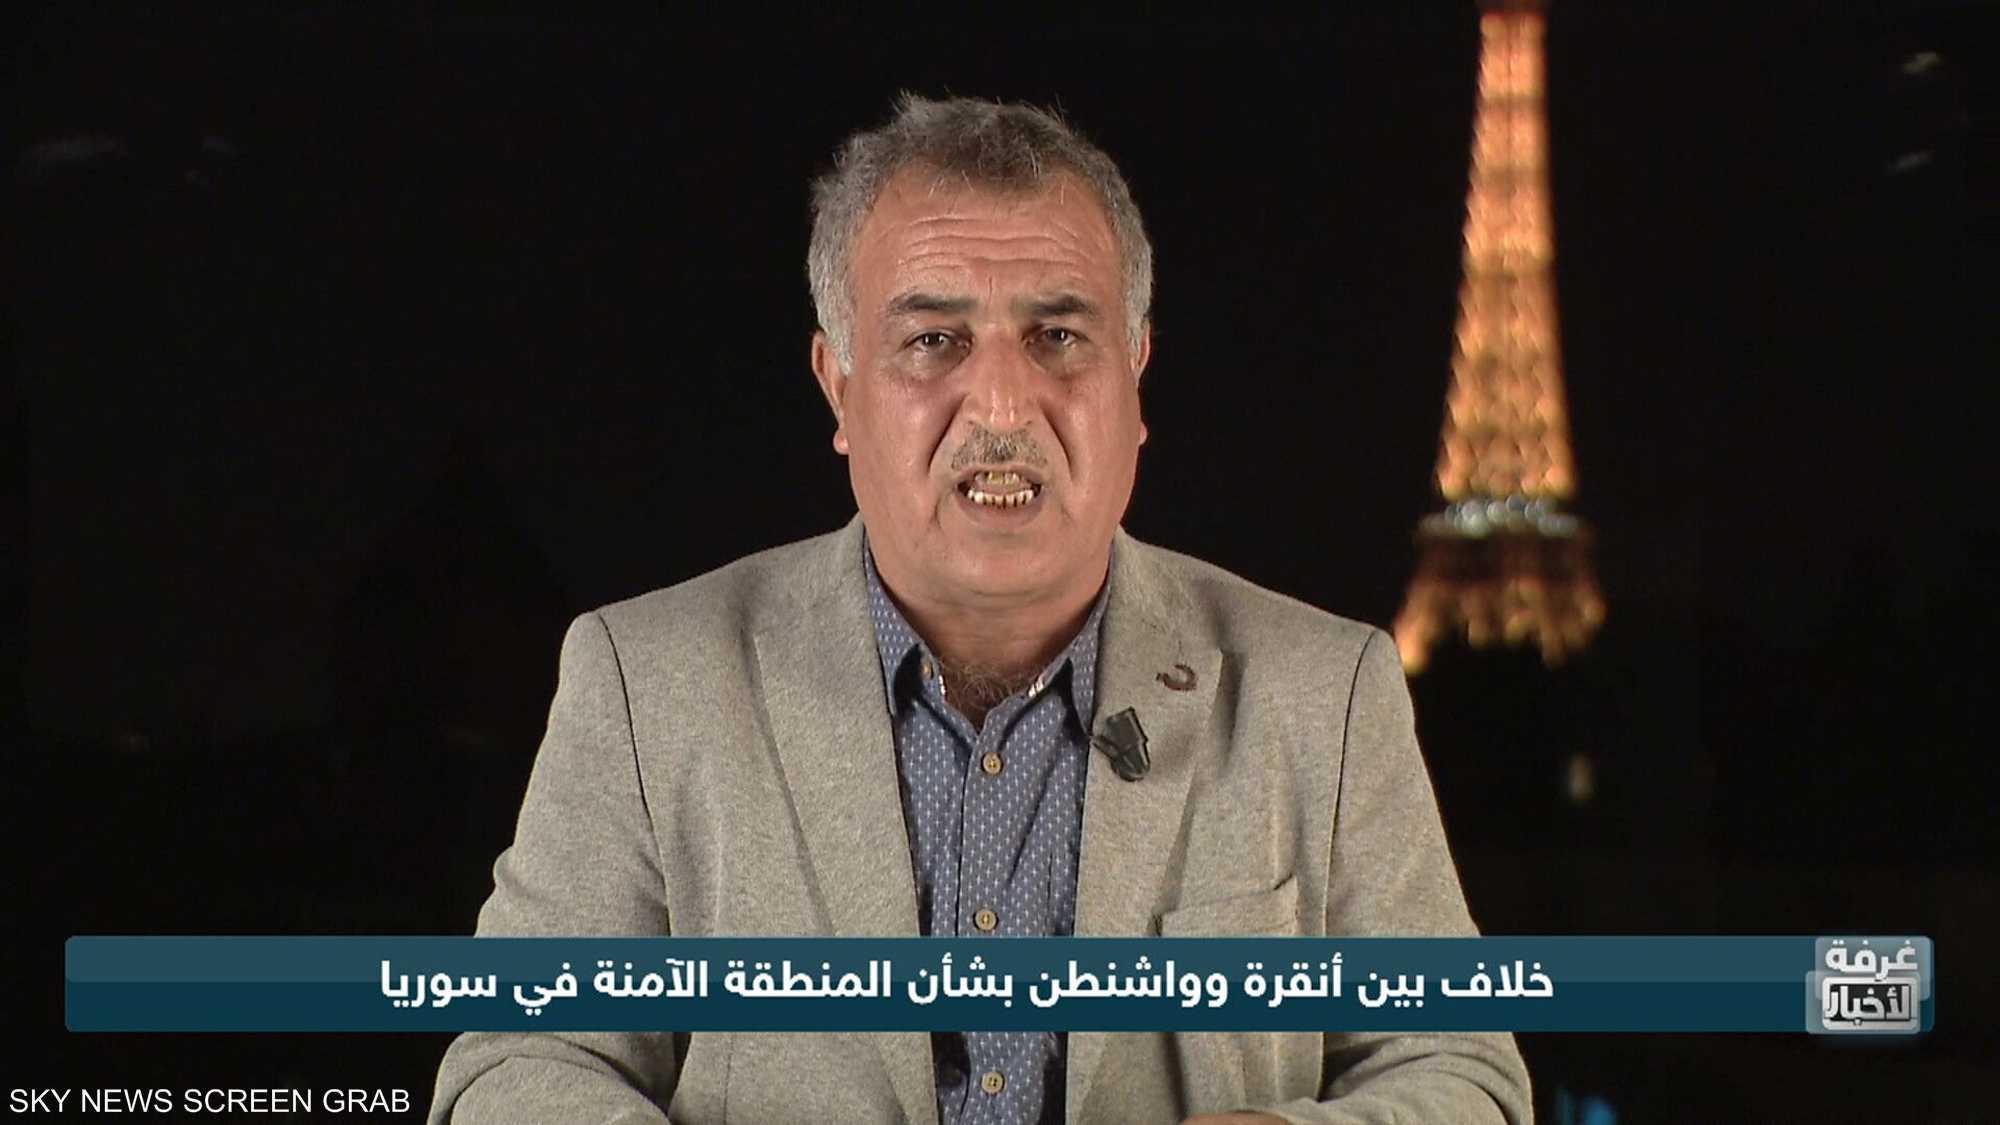 خلاف بين أنقرة وواشنطن بشأن المنطقة الآمنة في سوريا